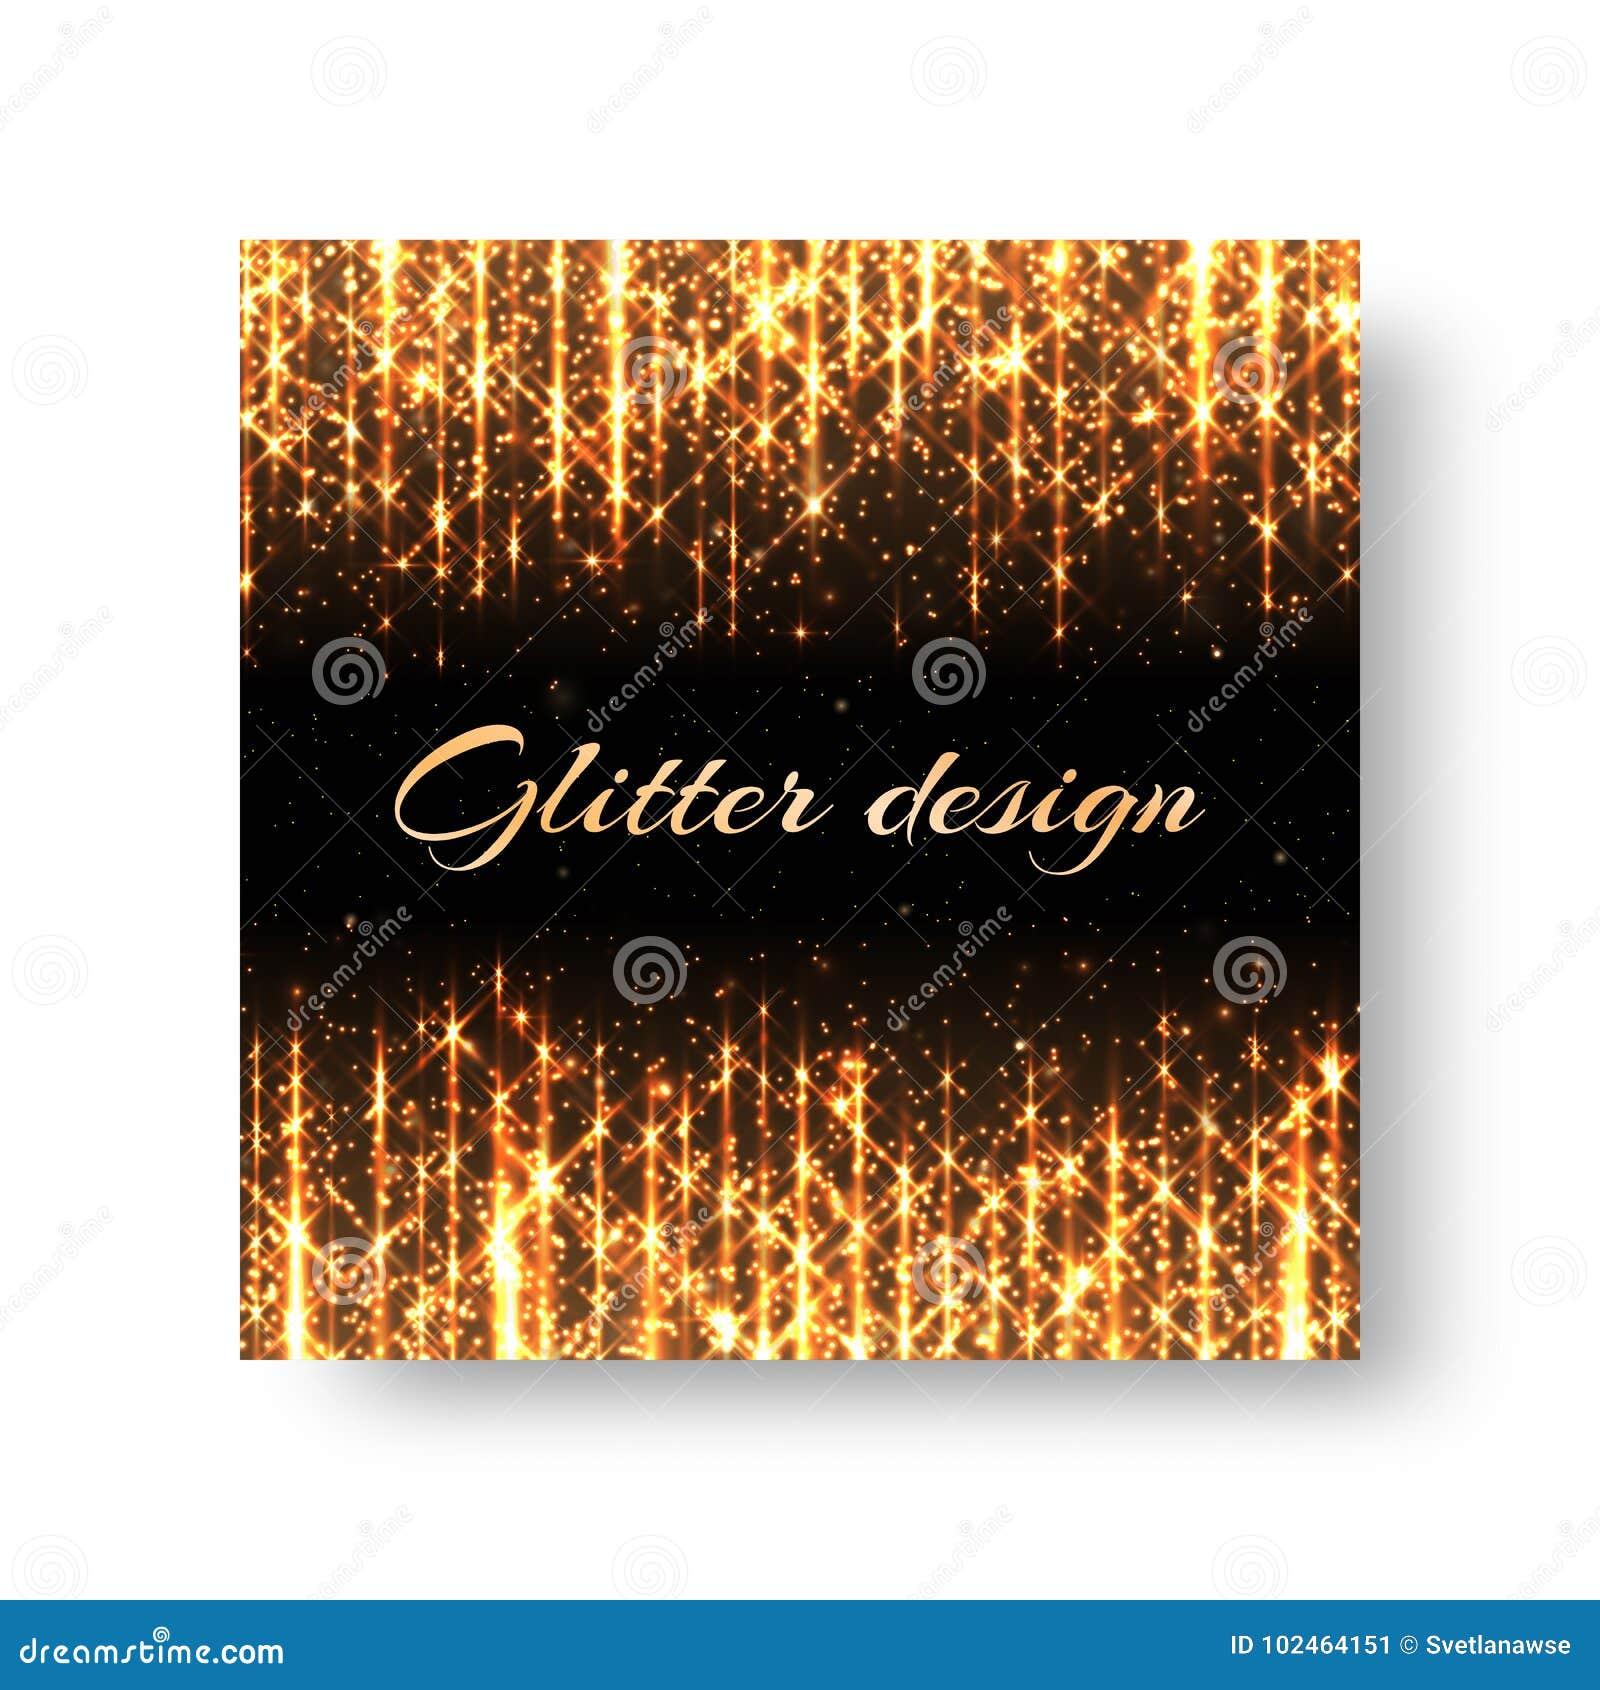 Grußkarte mit goldenen Strahlen